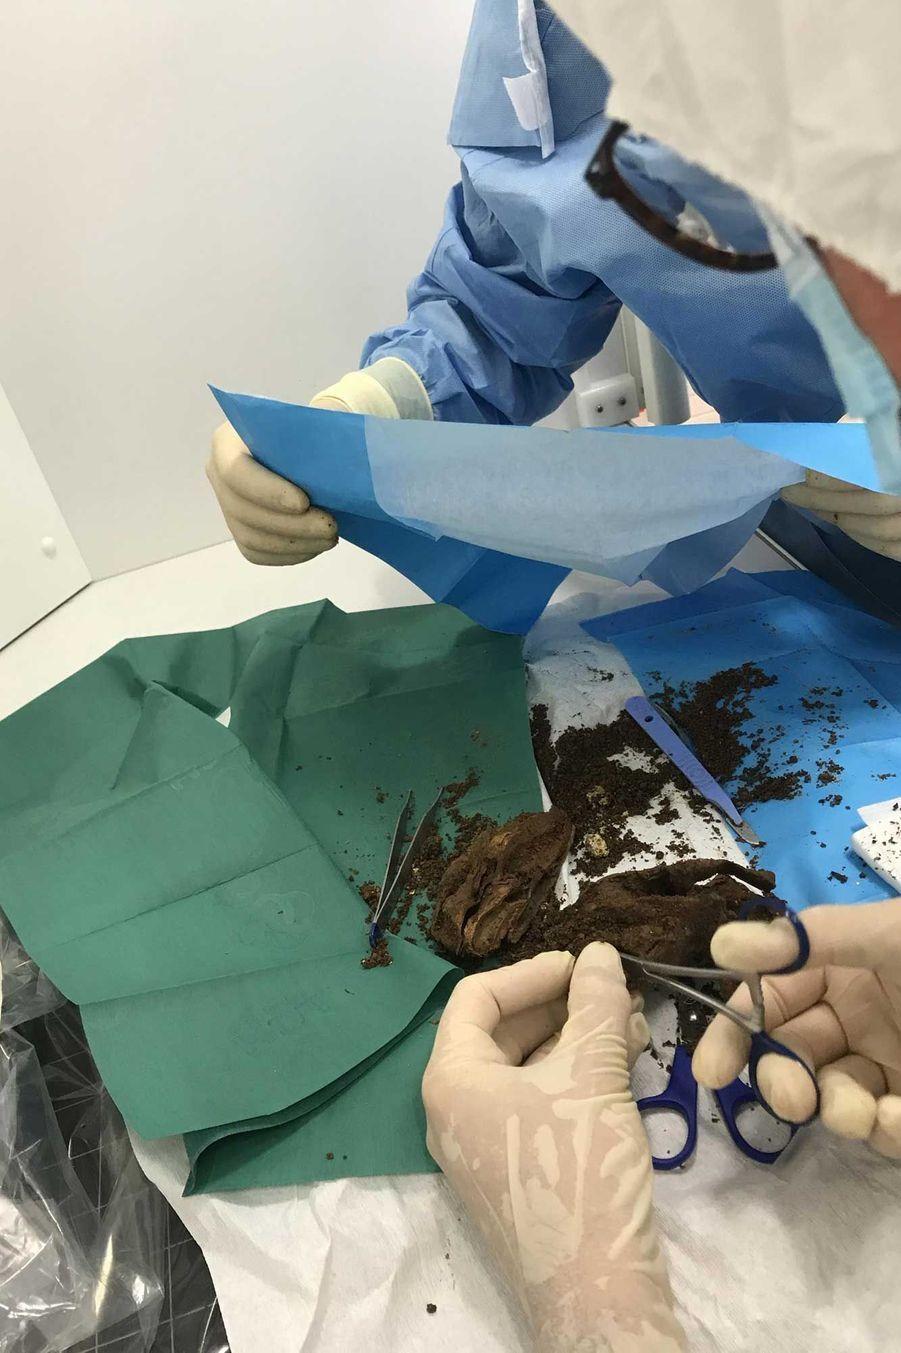 Autopsie du cœur sous atmosphère stérile.